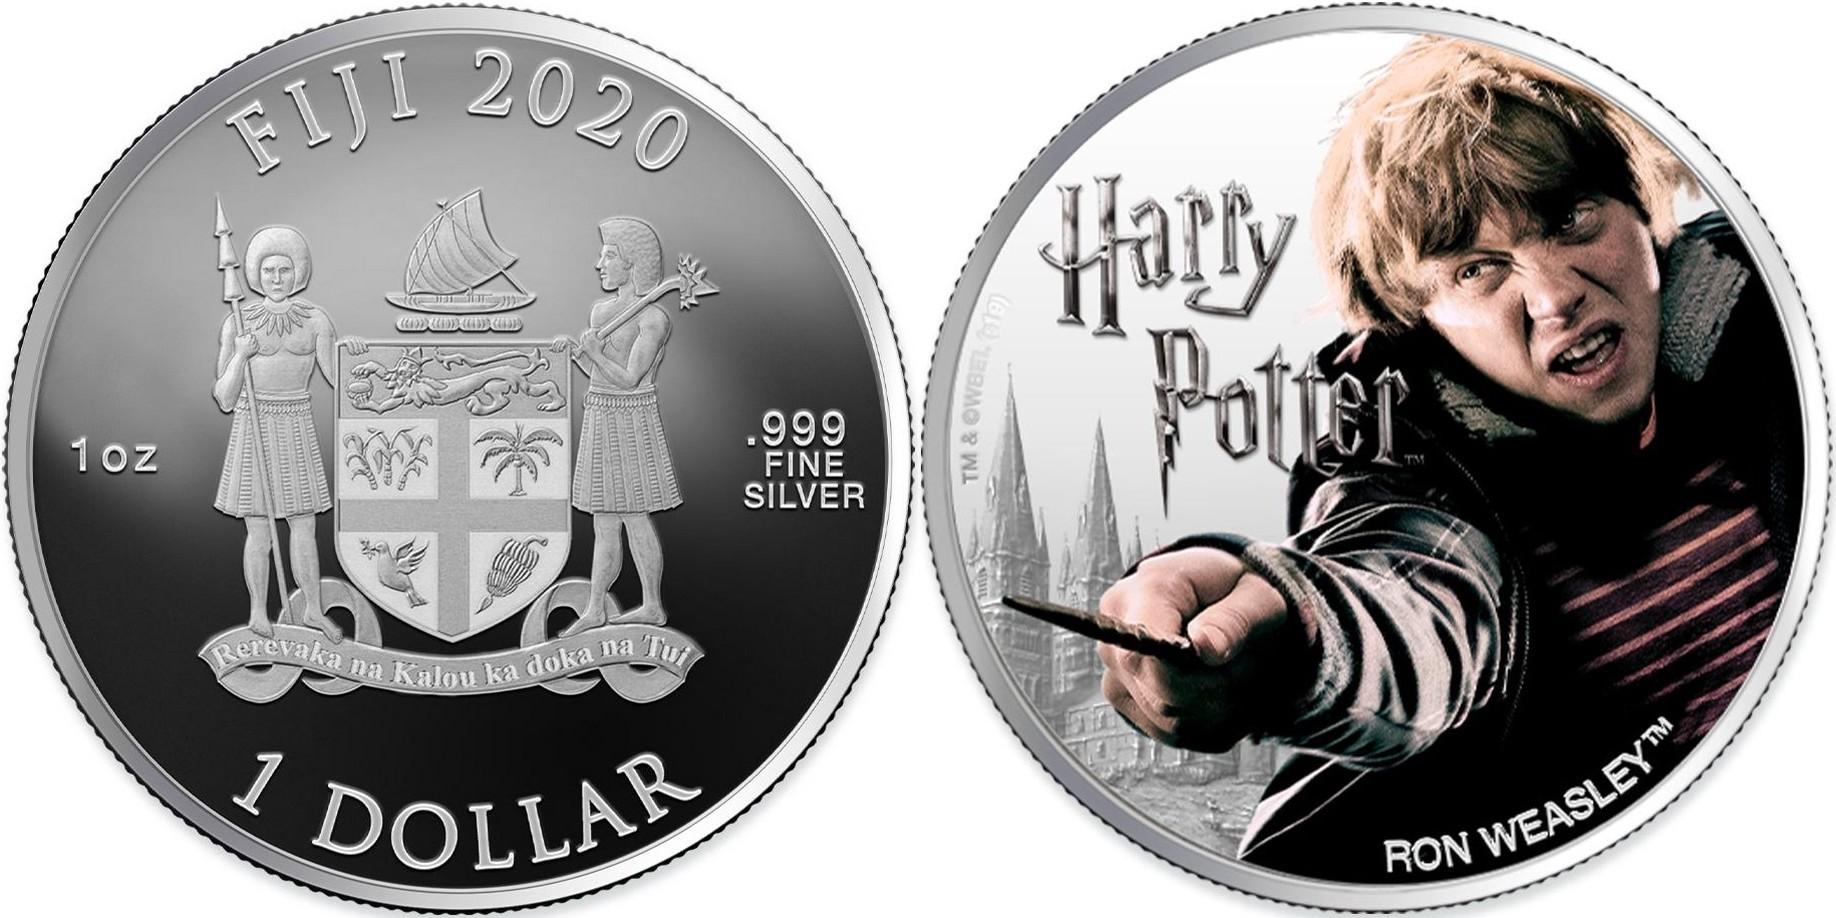 fidji-2020-harry-potter-ron-weasley